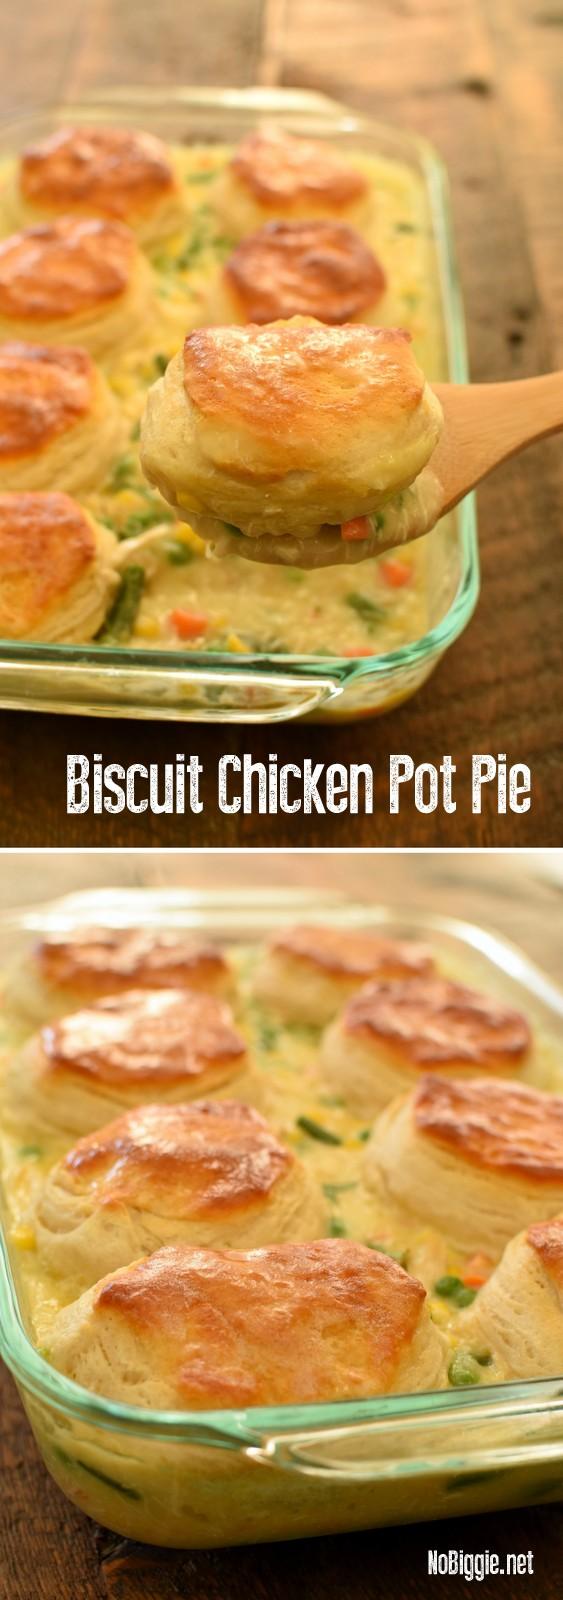 Biscuit Chicken Pot Pie | NoBiggie.net